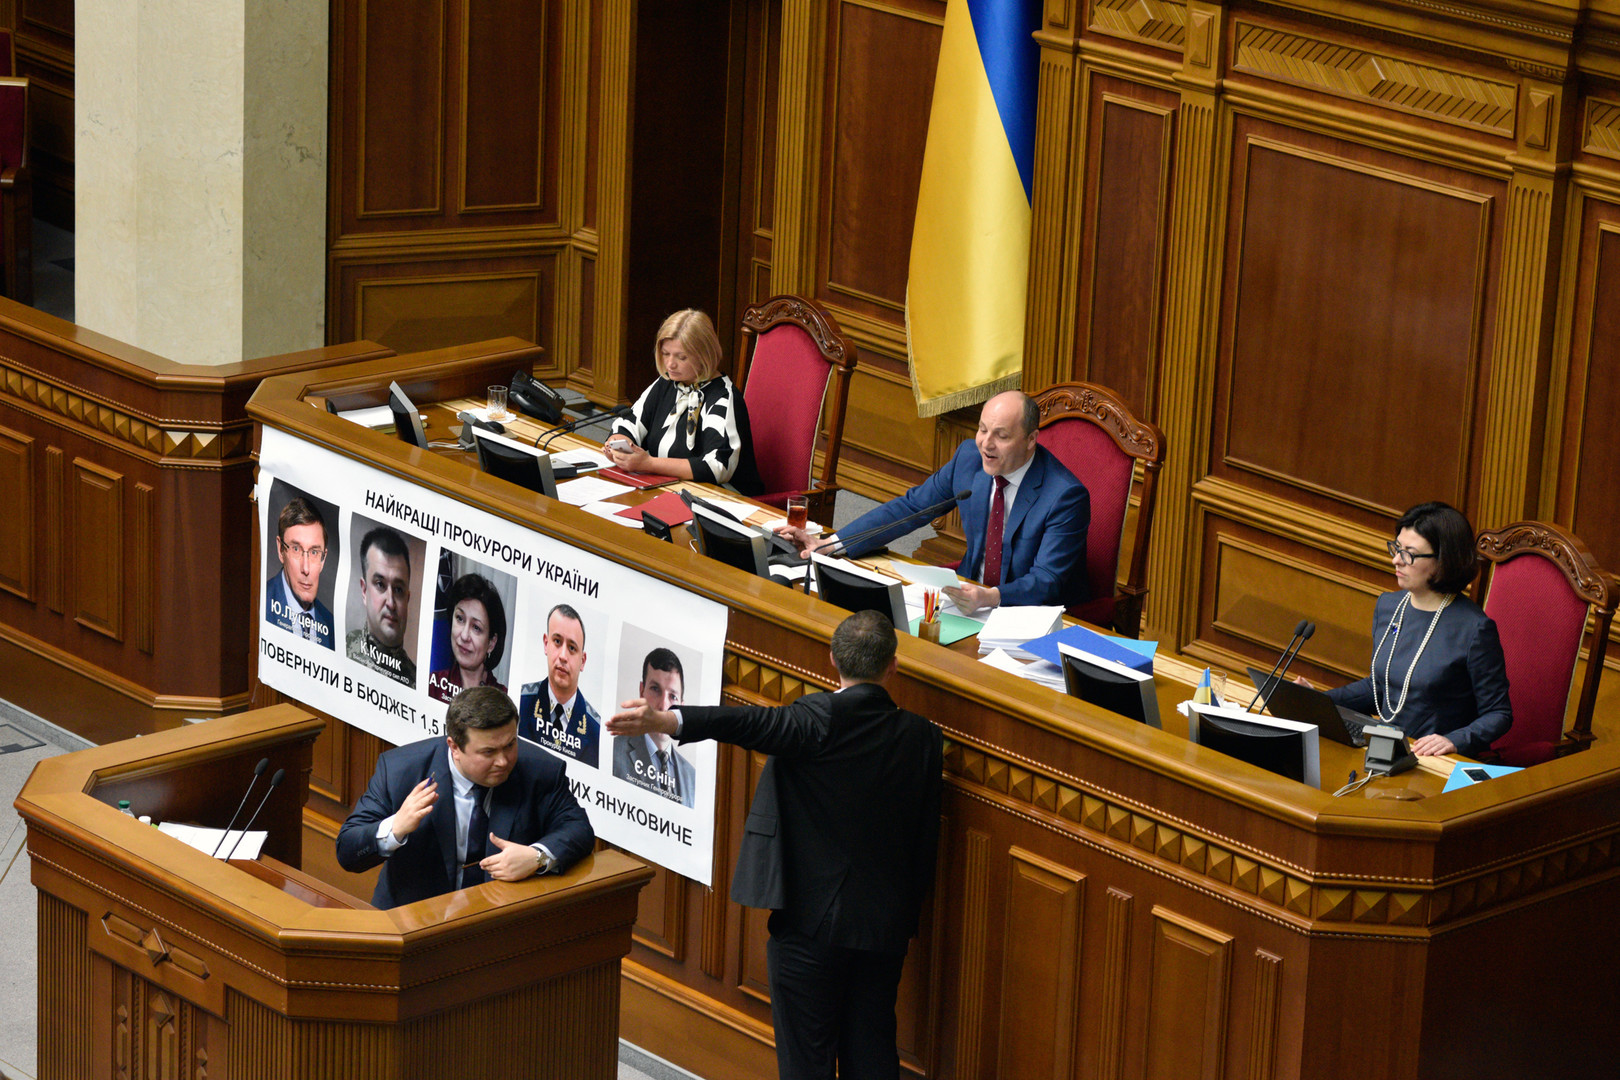 Петиция заимпичмент Порошенко вКиевской области набрала необходимое количество голосов